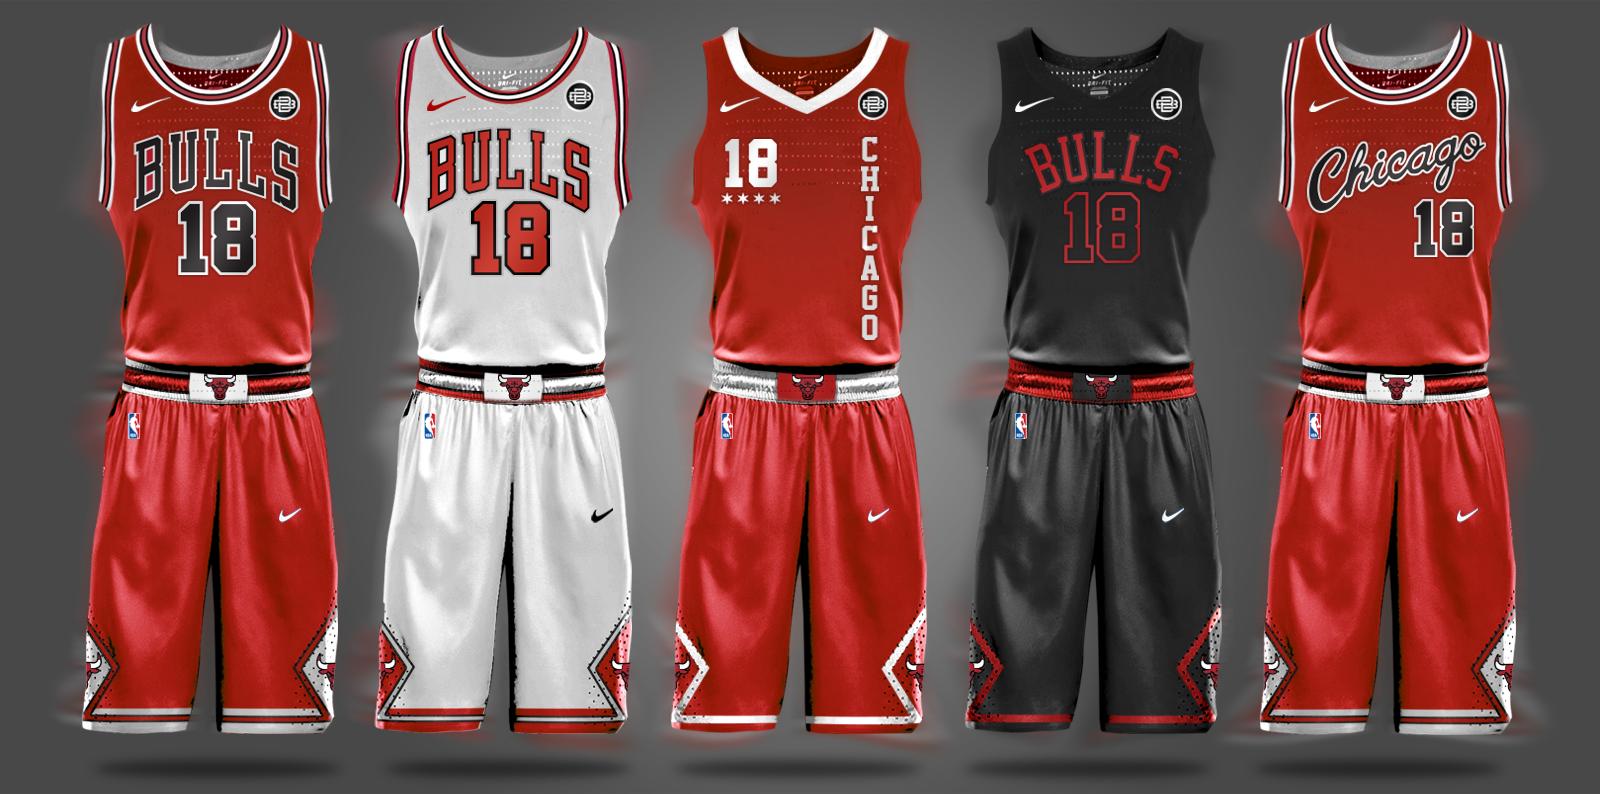 Tổng hợp các mẫu áo đấu mới của Nike tại NBA 2017-2018